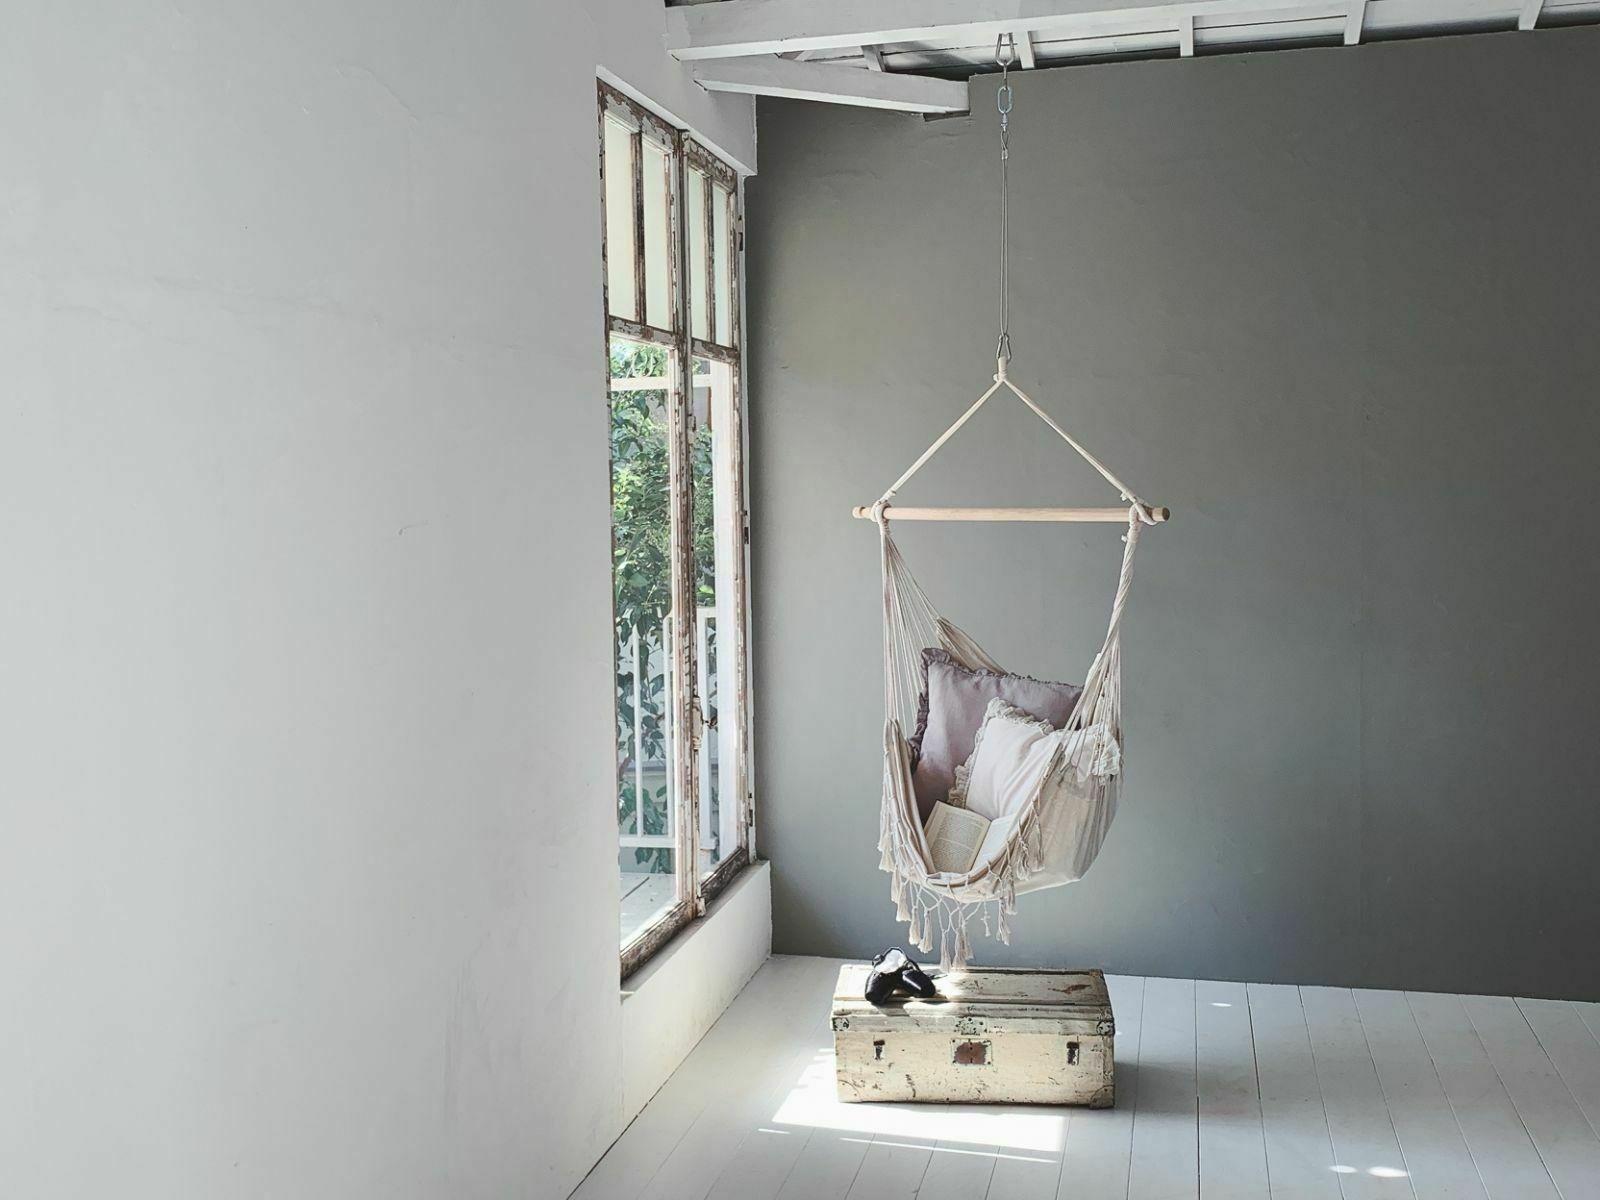 studio douz(ドゥーズ)目黒碑文谷2F 白部屋 西窓向き